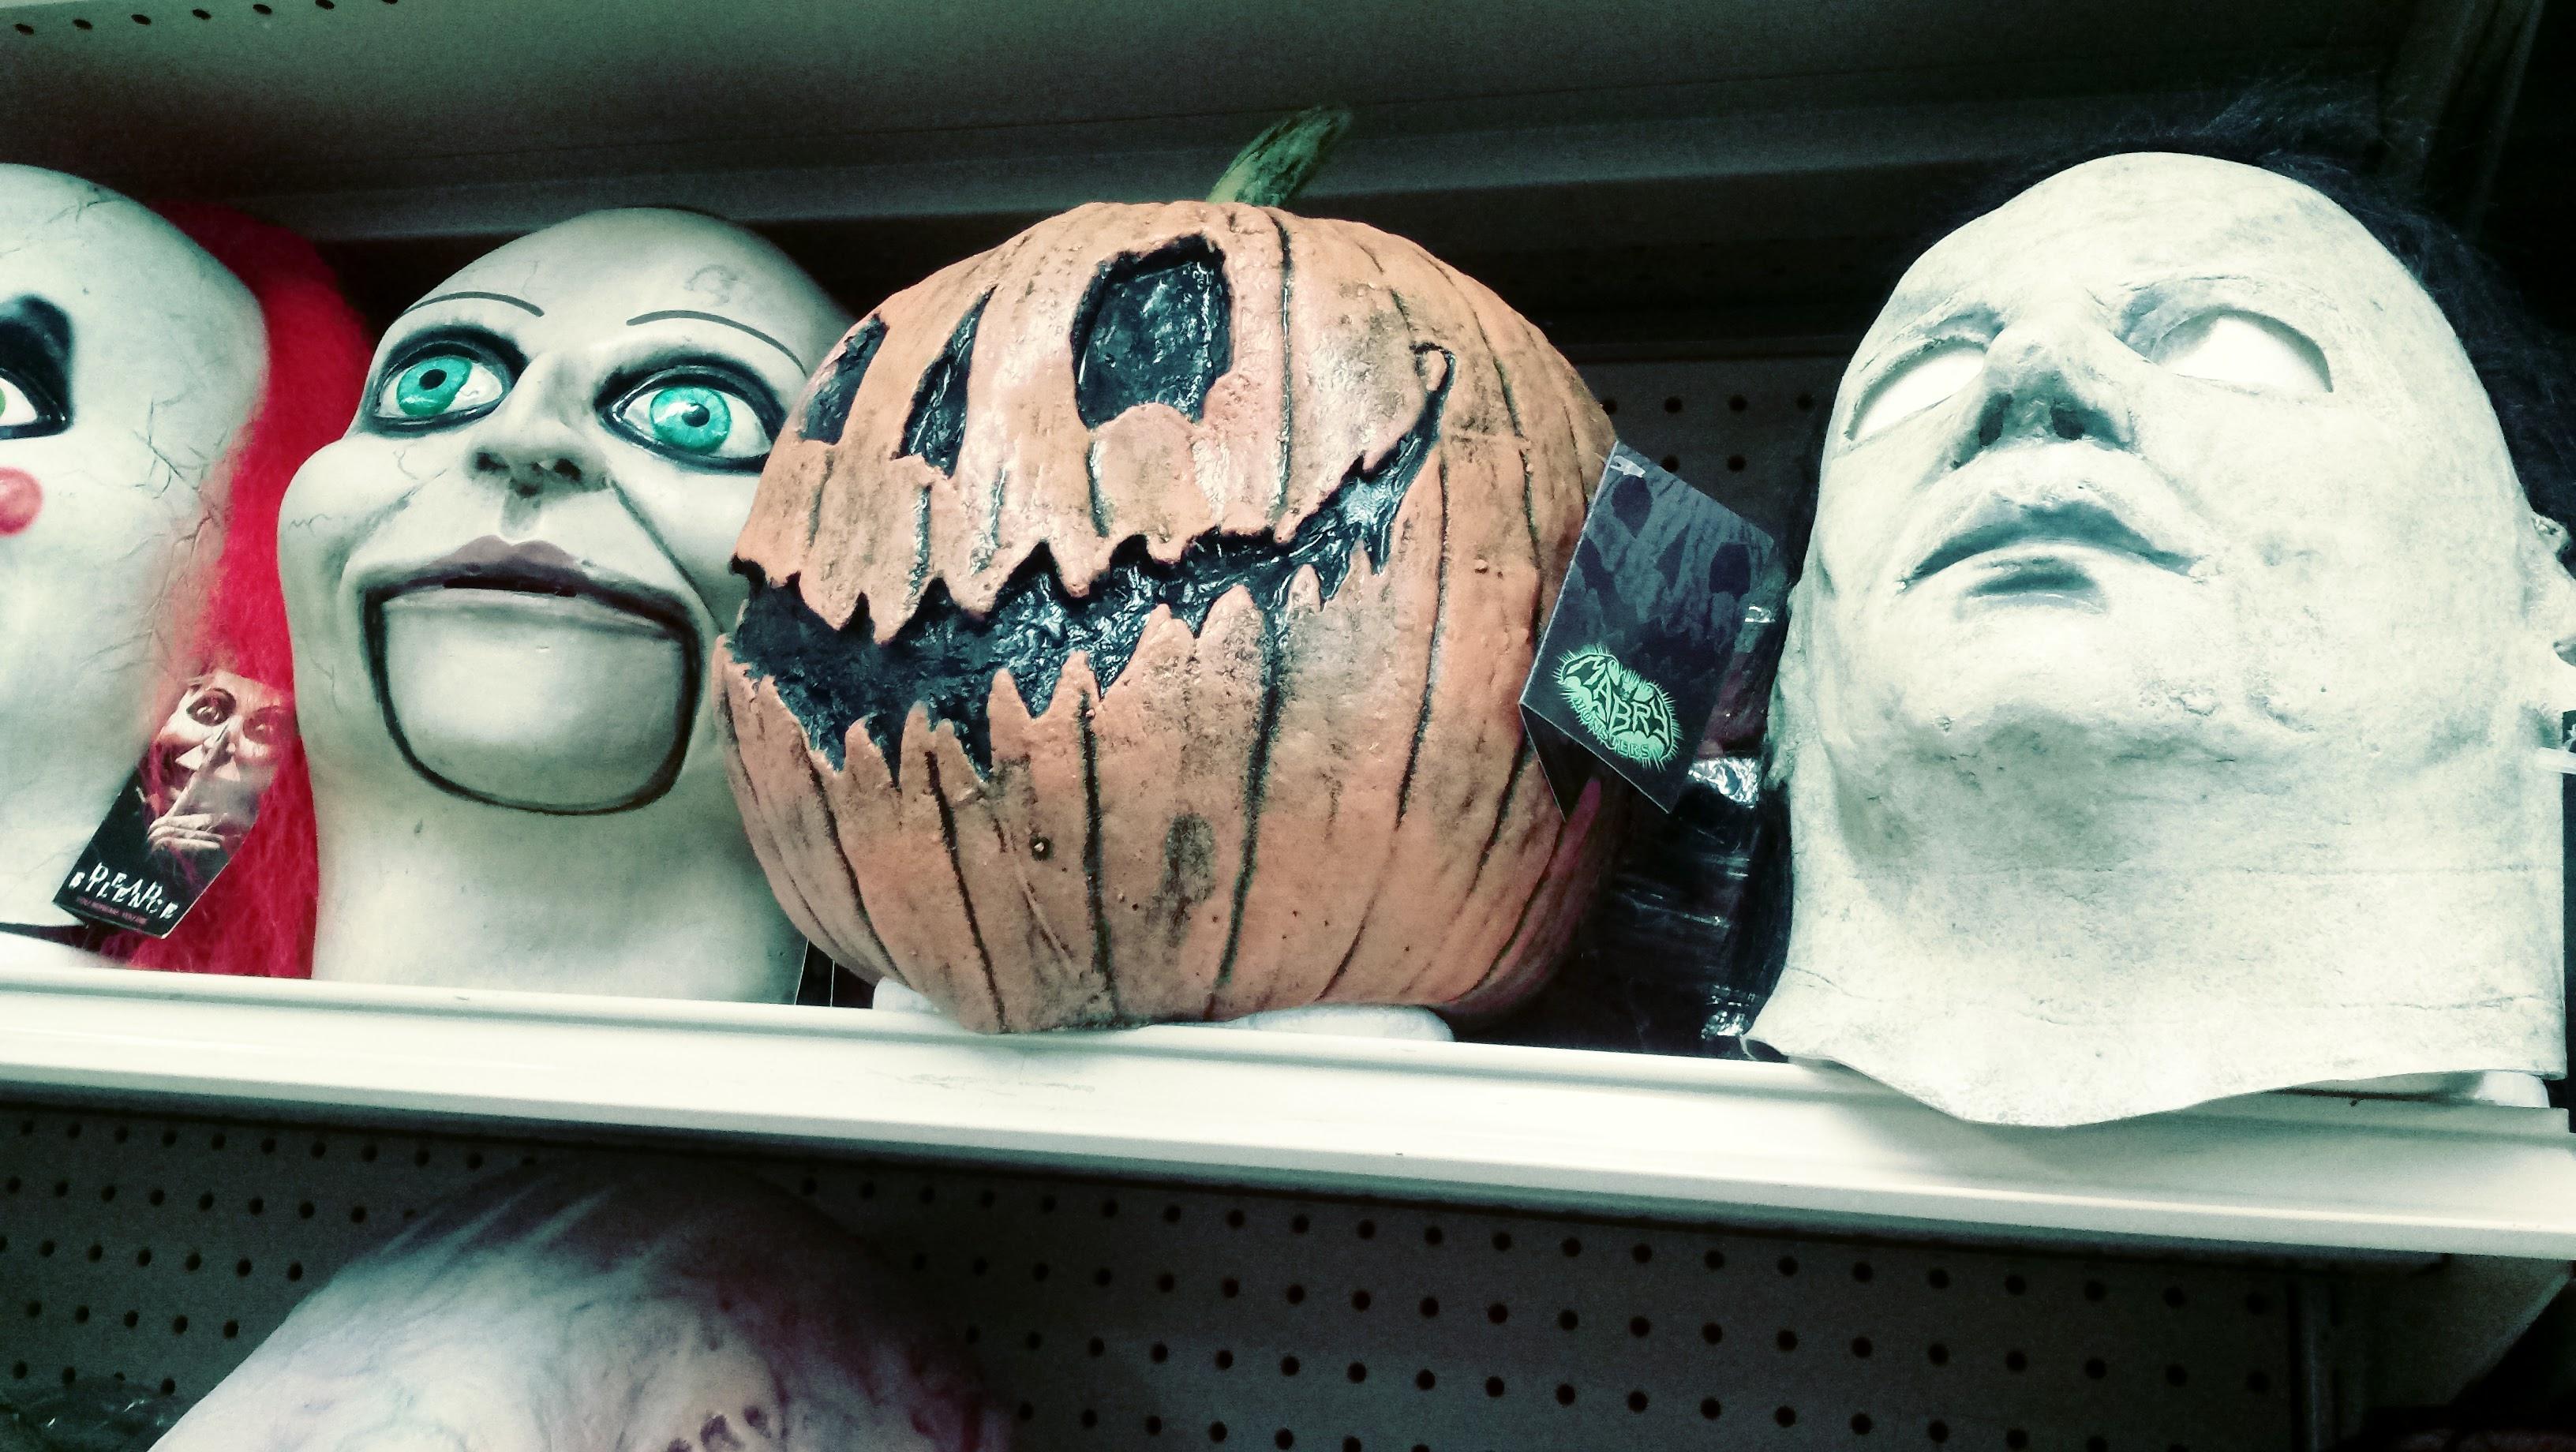 nick nackery micheal meyers halloween pumpkinhead clown masks